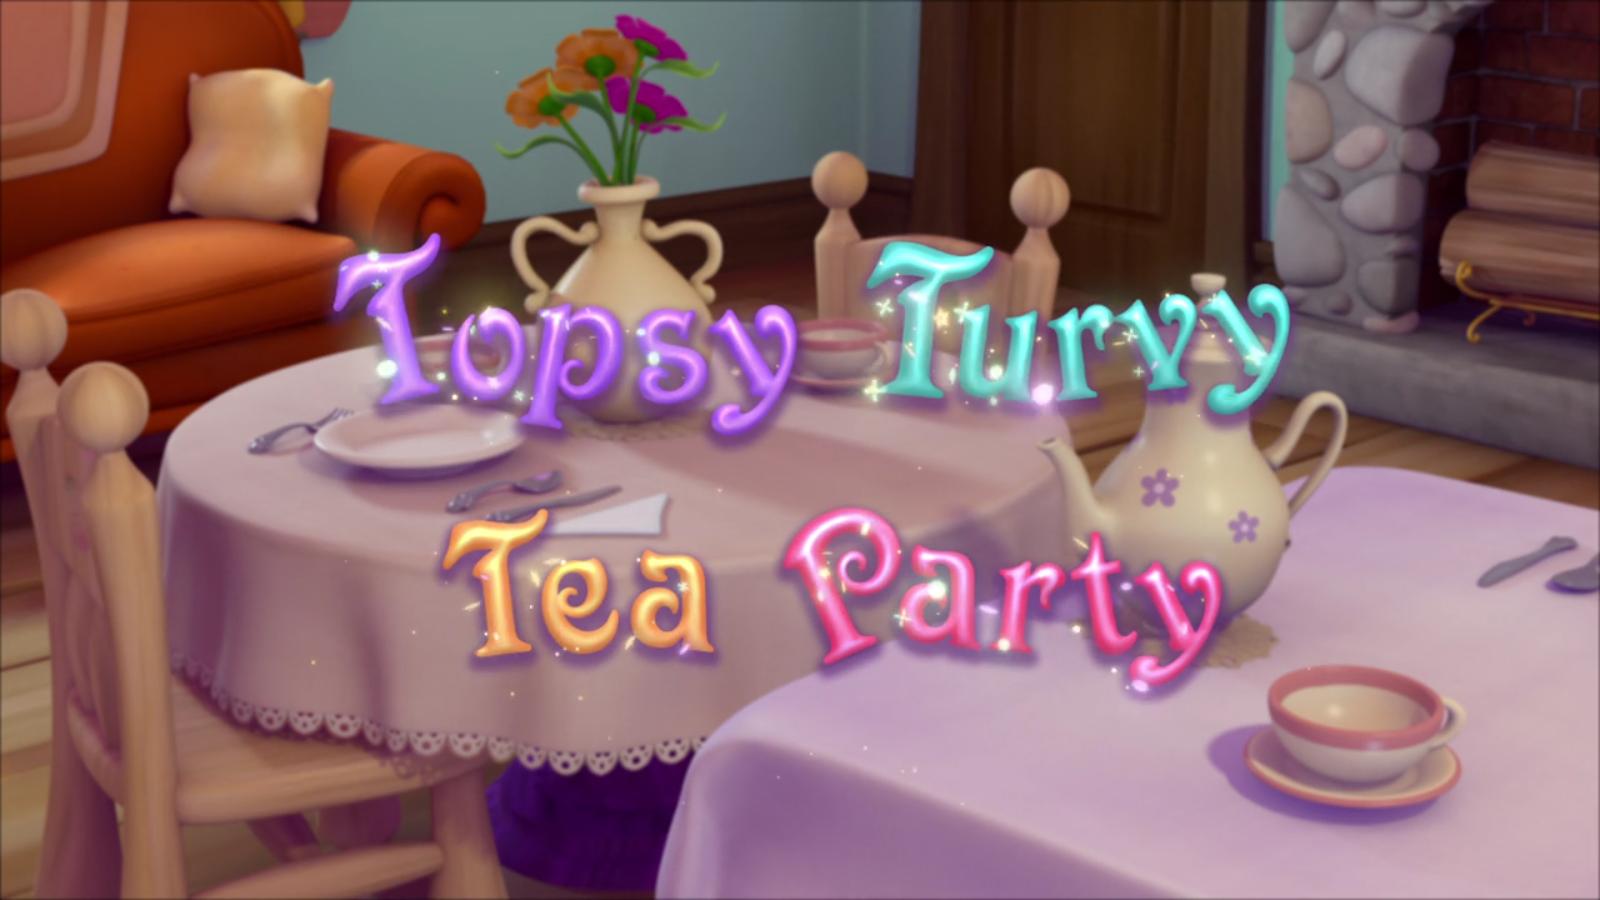 Topsy Turvy Tea Party